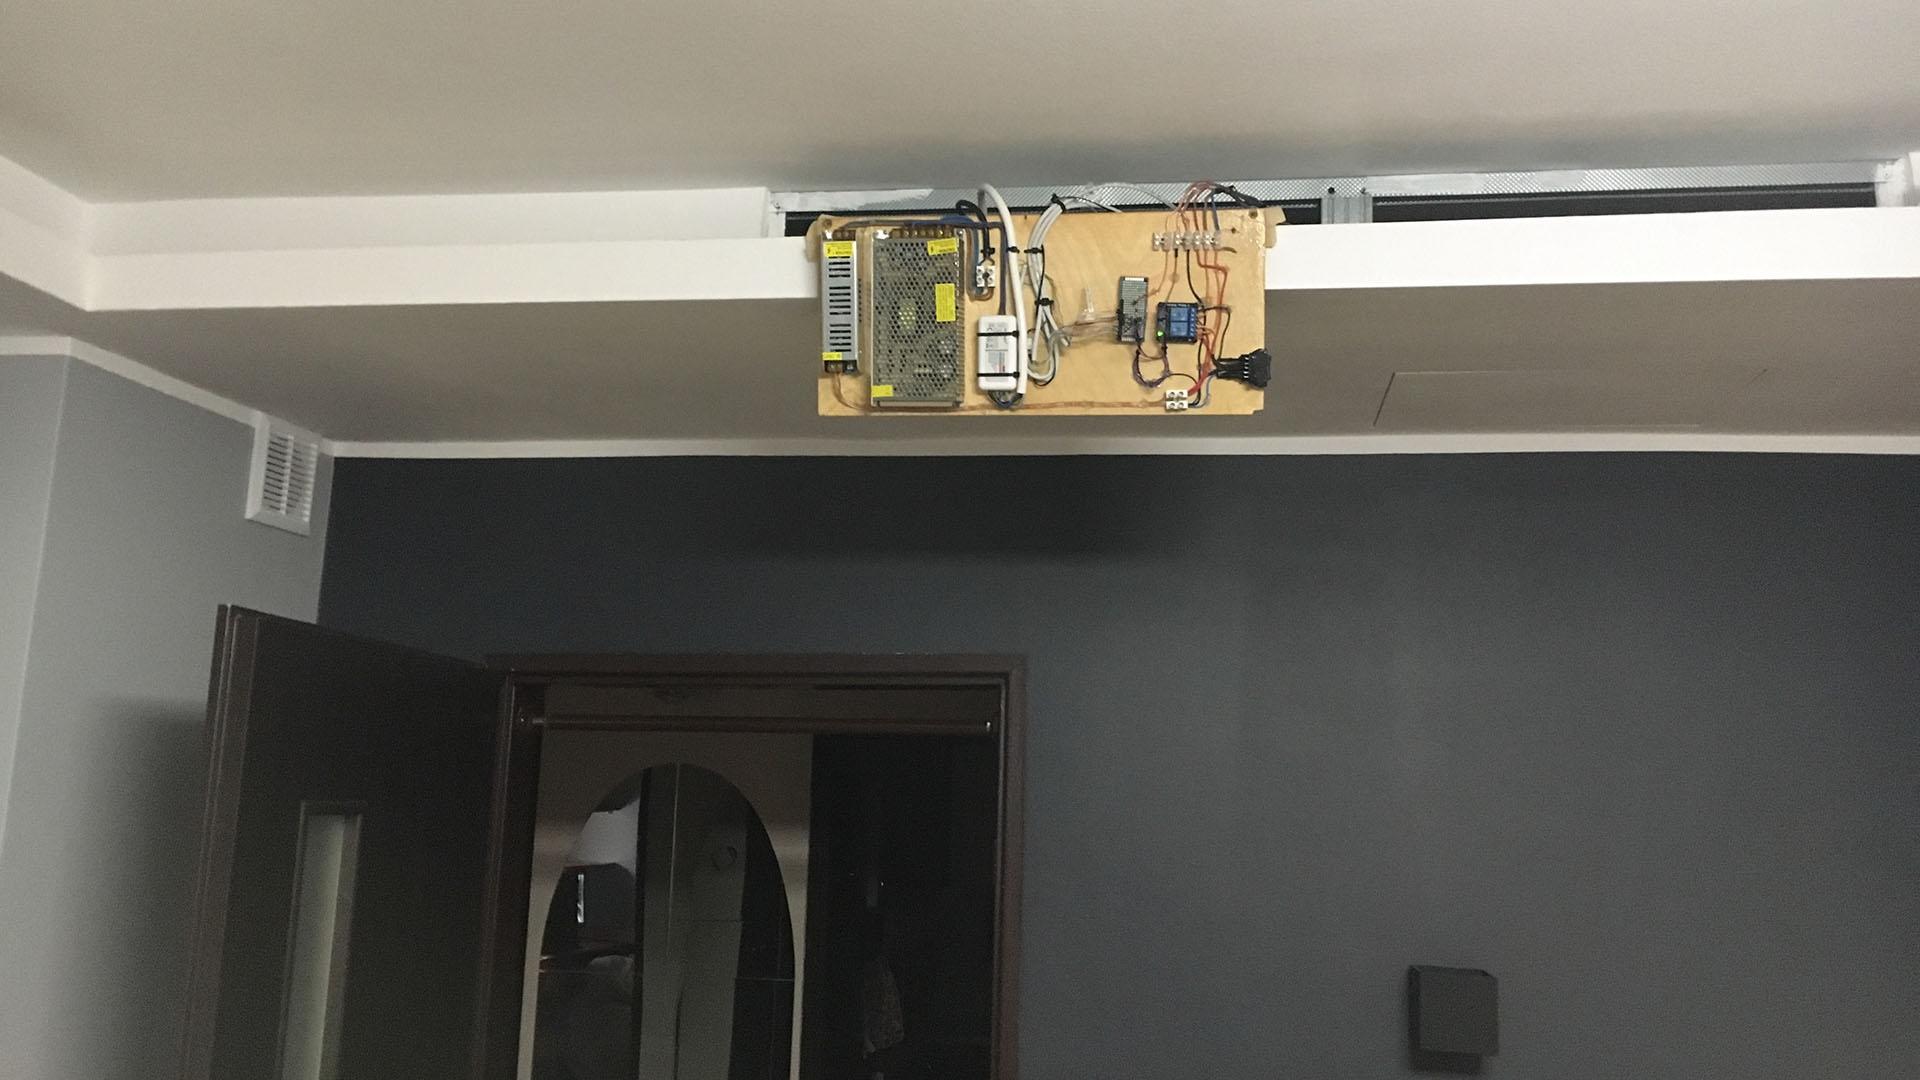 Winda Projektora I Sterowanie Arduino Elektroda Pl